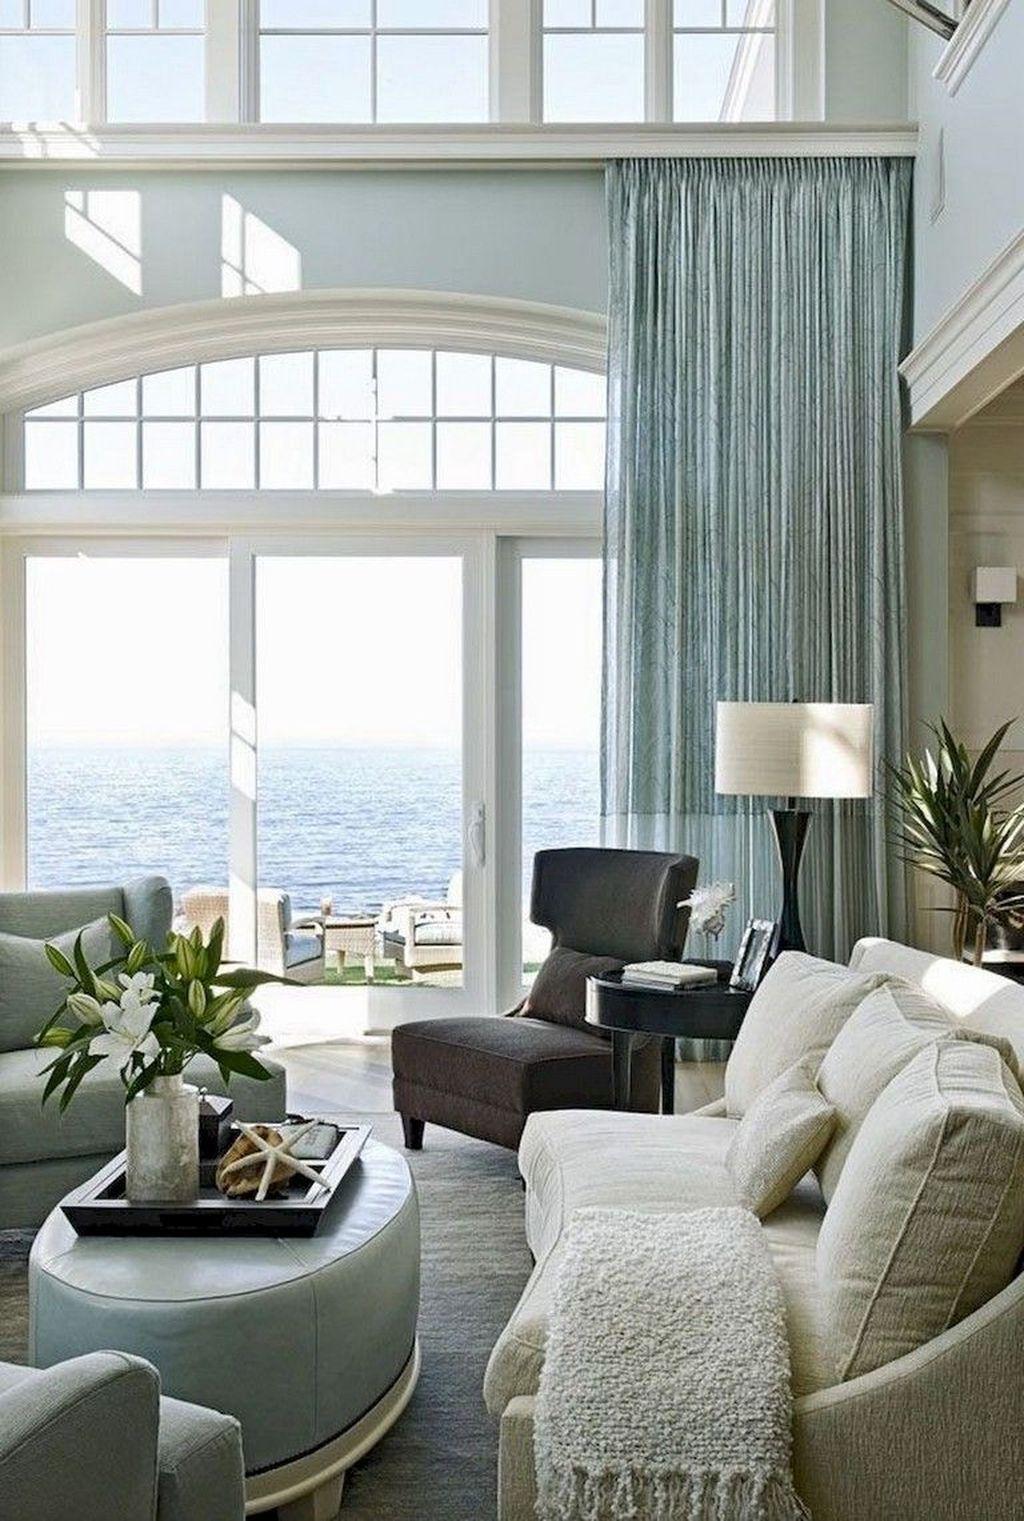 Outstanding-Living-Room-Design-For-Summer-06.jpg